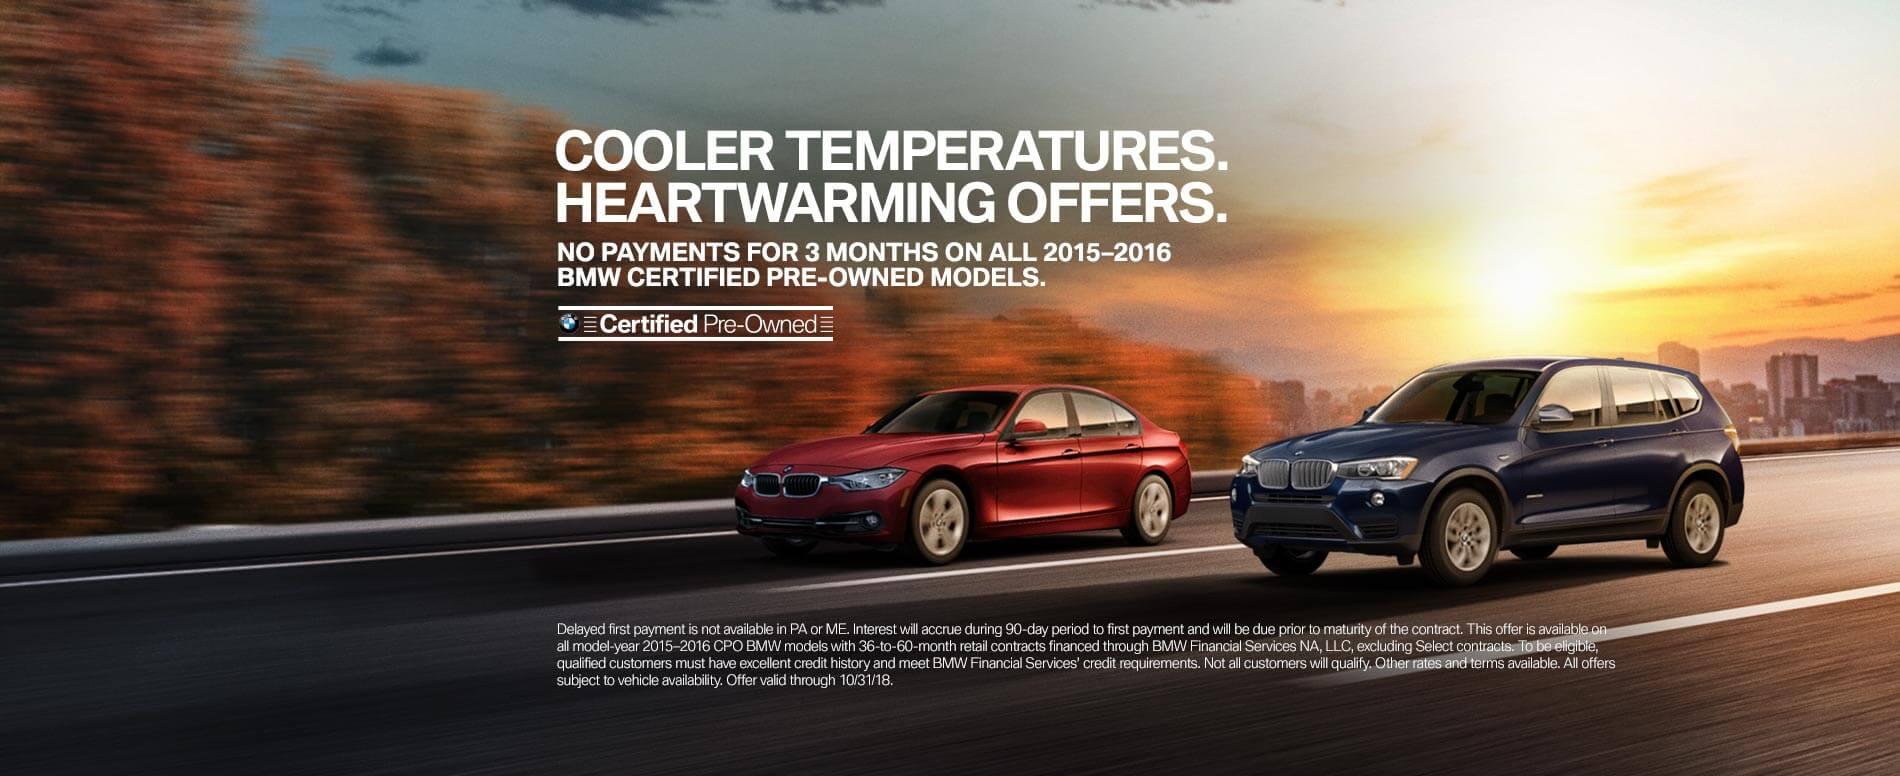 BMW New & Used Car Dealer - El Cajon & Encinitas, CA | BMW ...